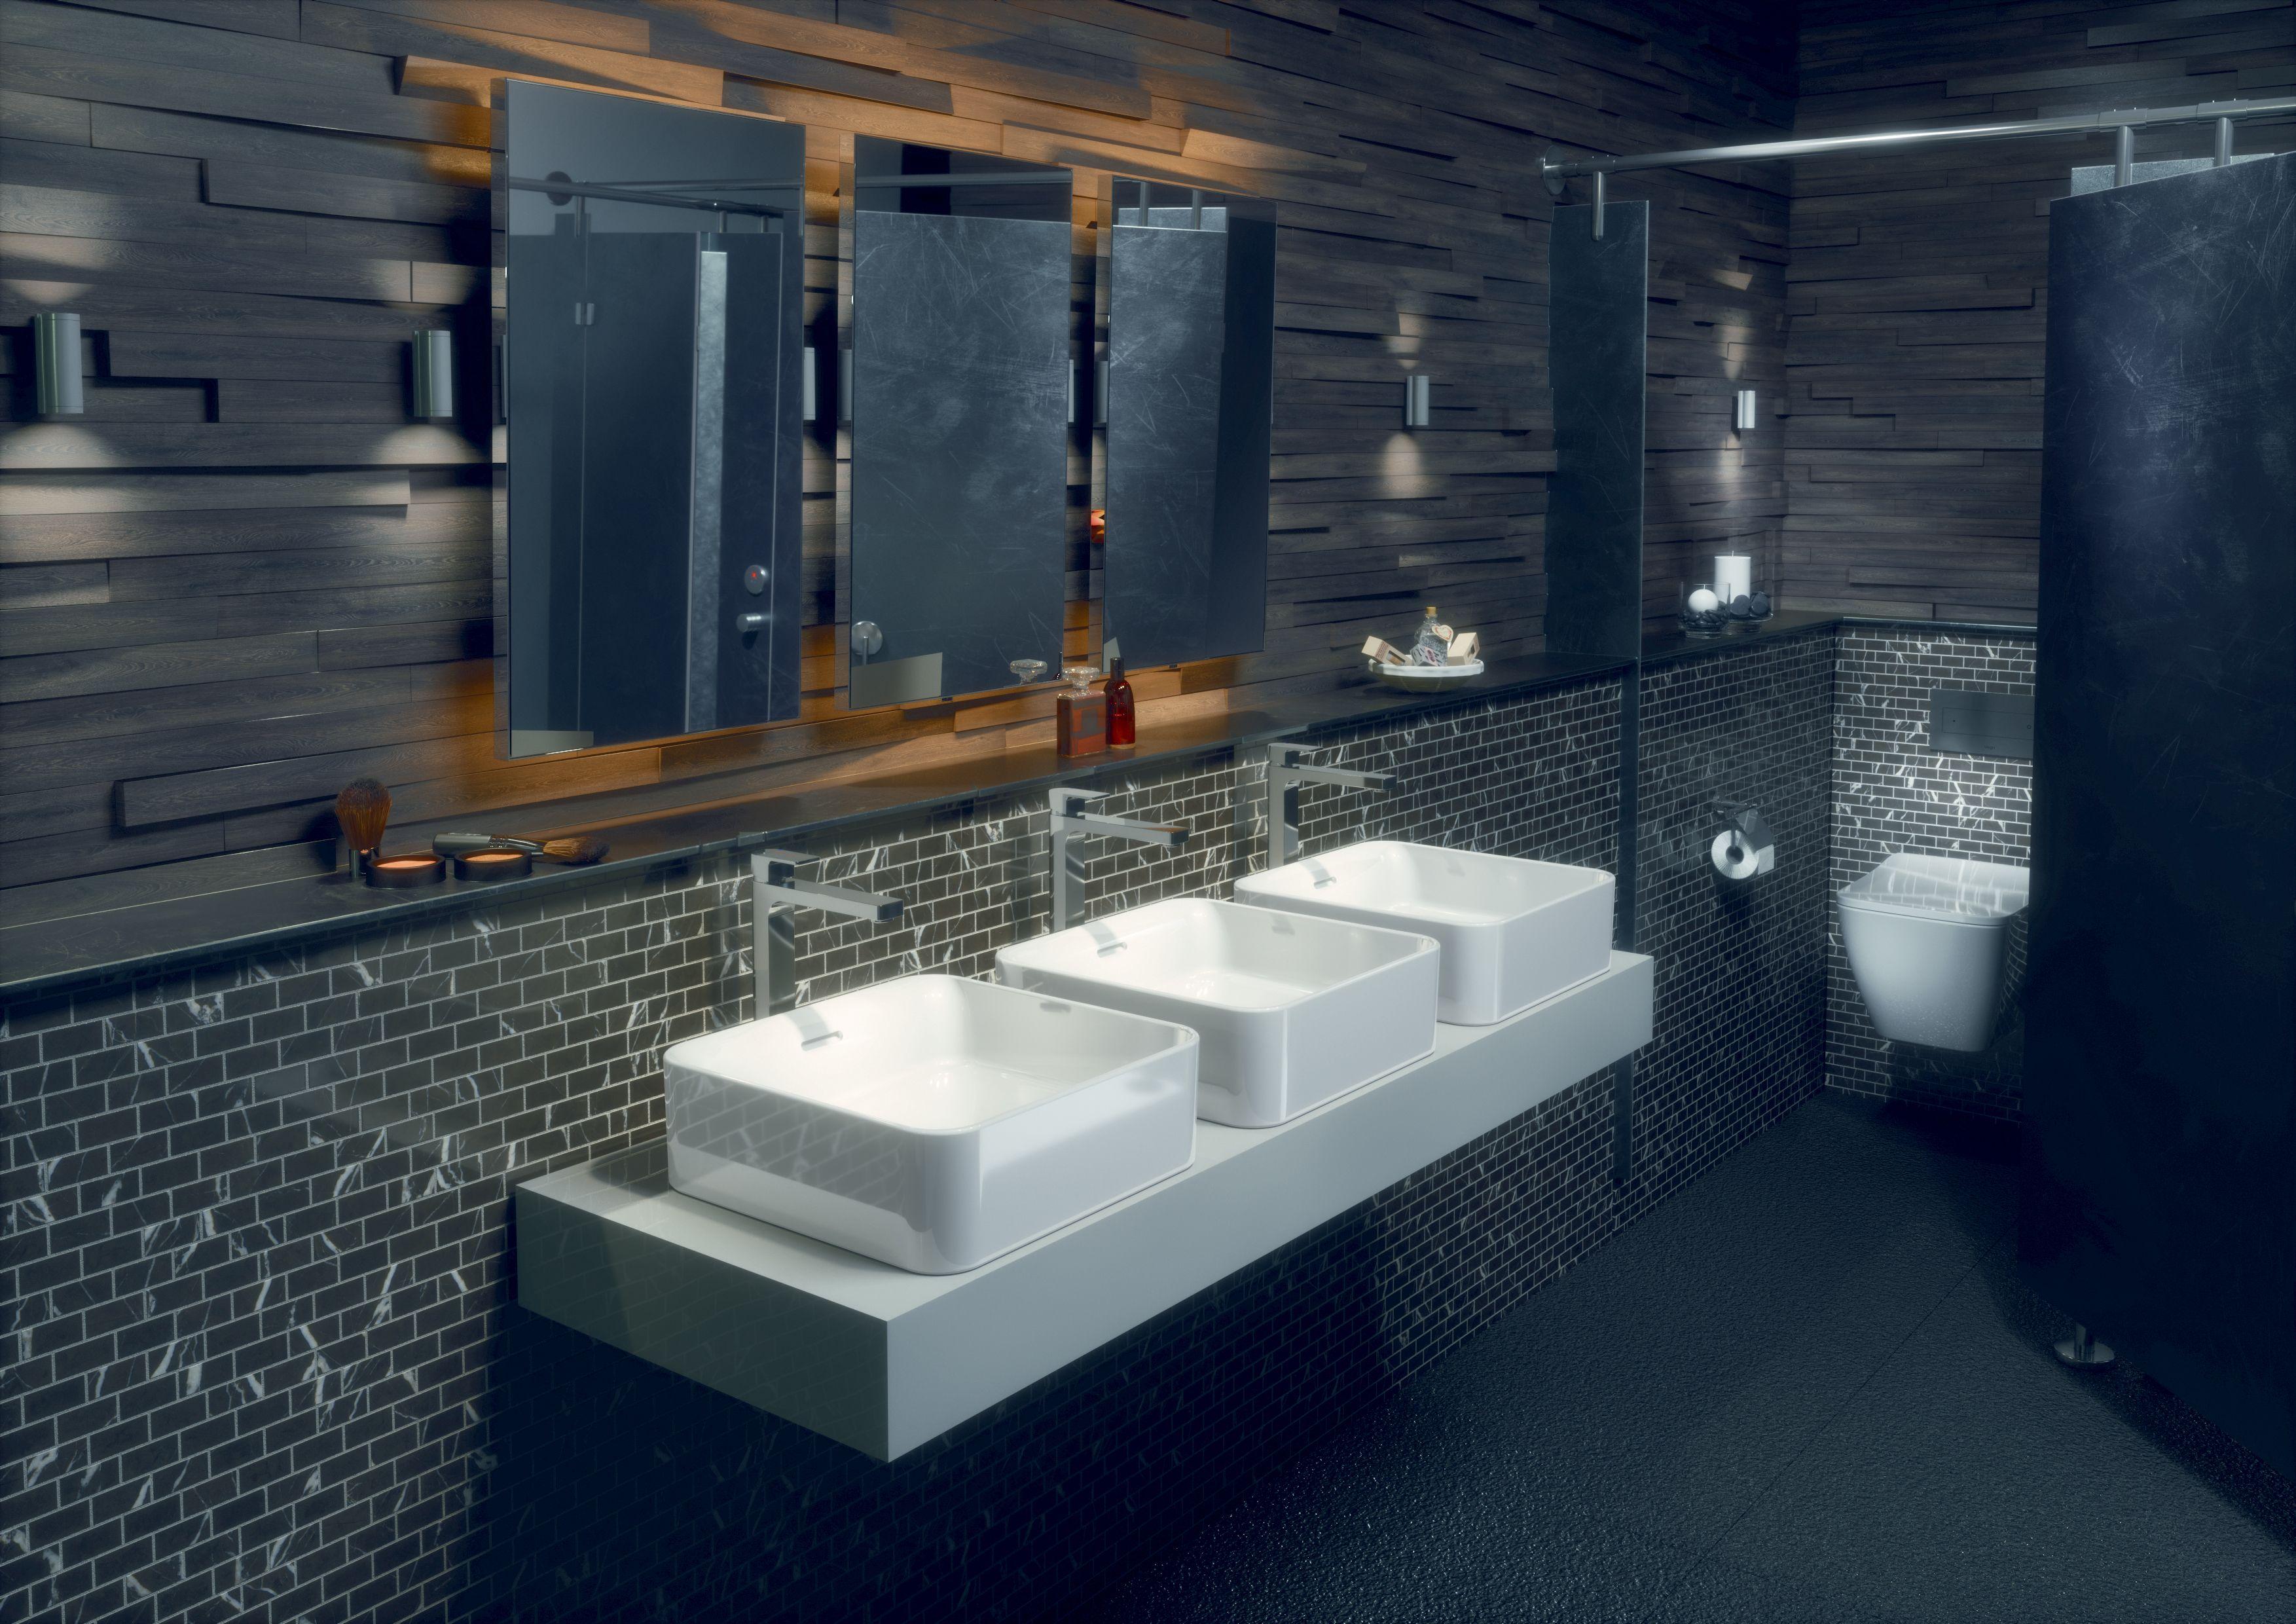 Des Toilettes Design Dans Les Lieux Publics C Est Possible En Associant Les Nouvelles Collections De Toilette Design Mobilier De Salon Collection De Meubles